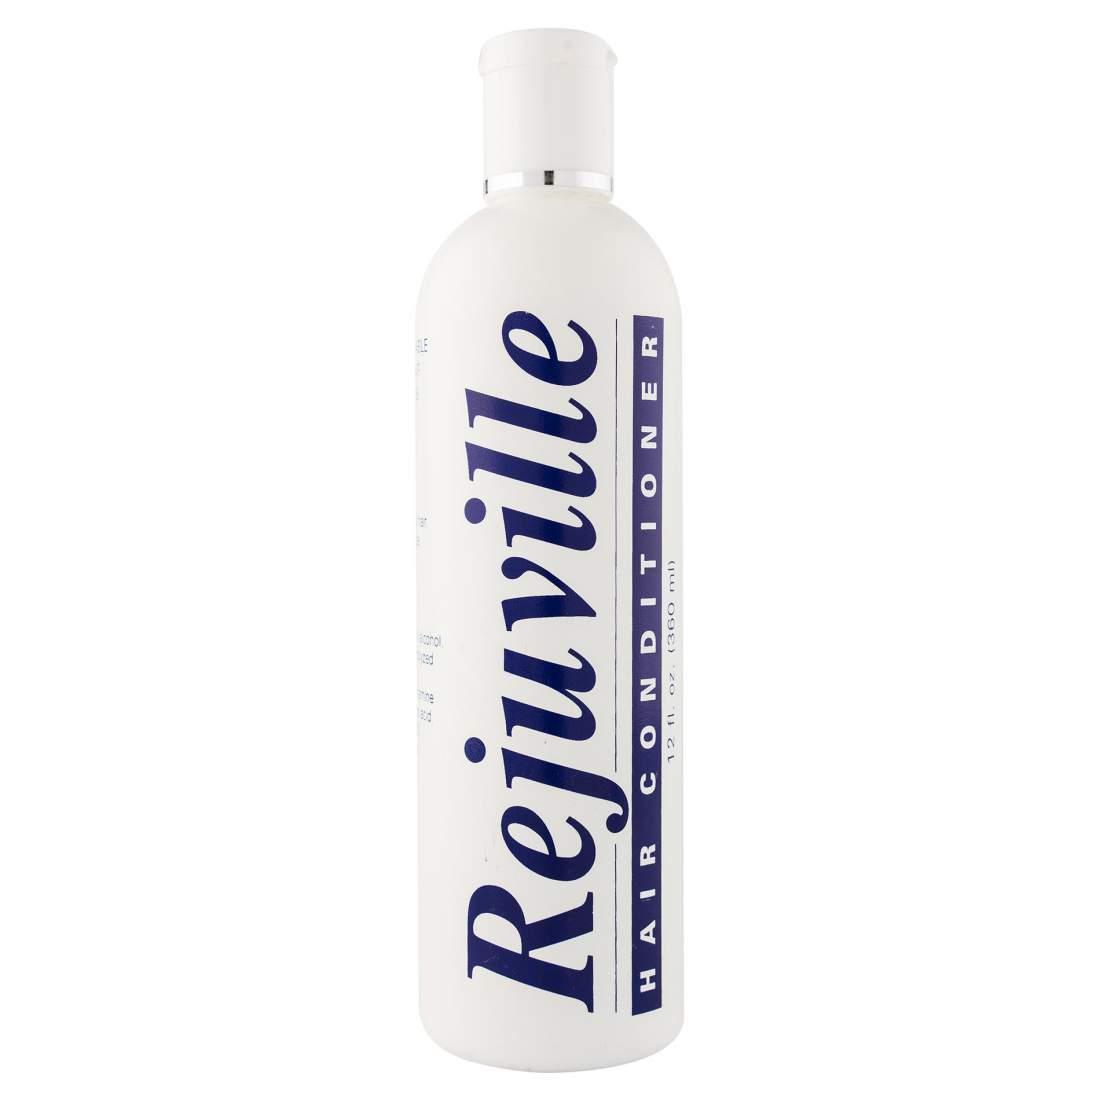 Hajnövekedést serkentő hajkondícionáló - Rejuville Hair Conditioner